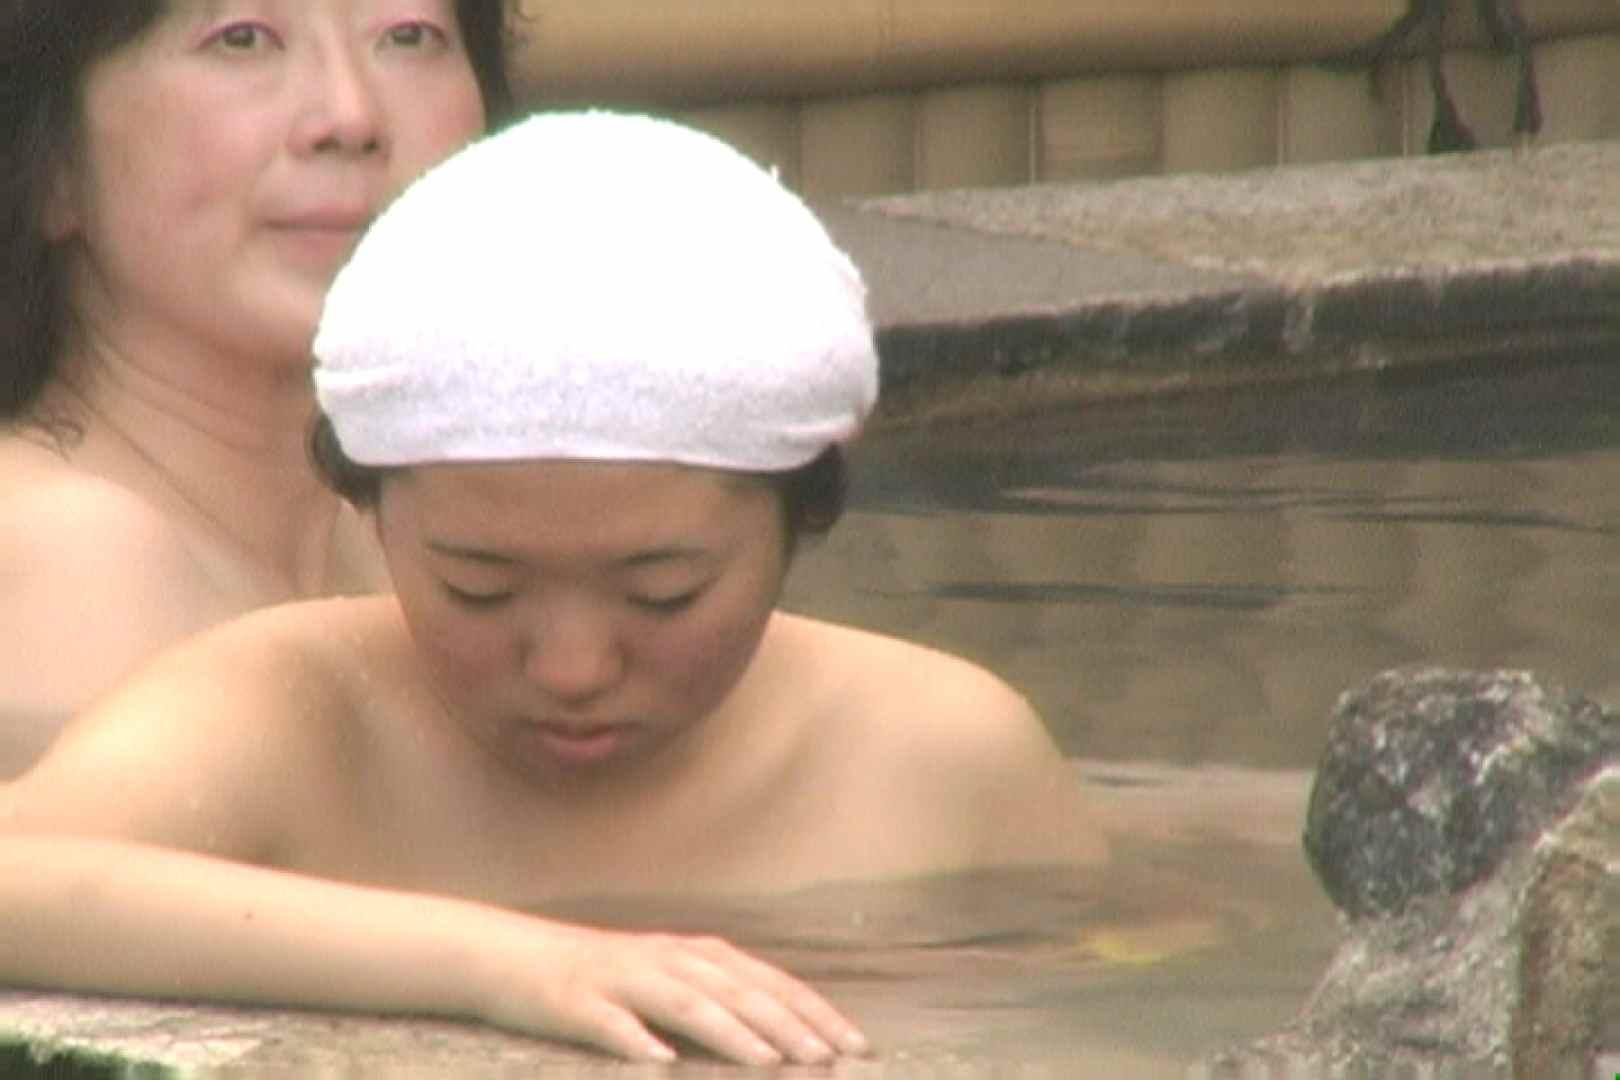 Aquaな露天風呂Vol.627 OLのエロ生活 | 盗撮  80連発 28